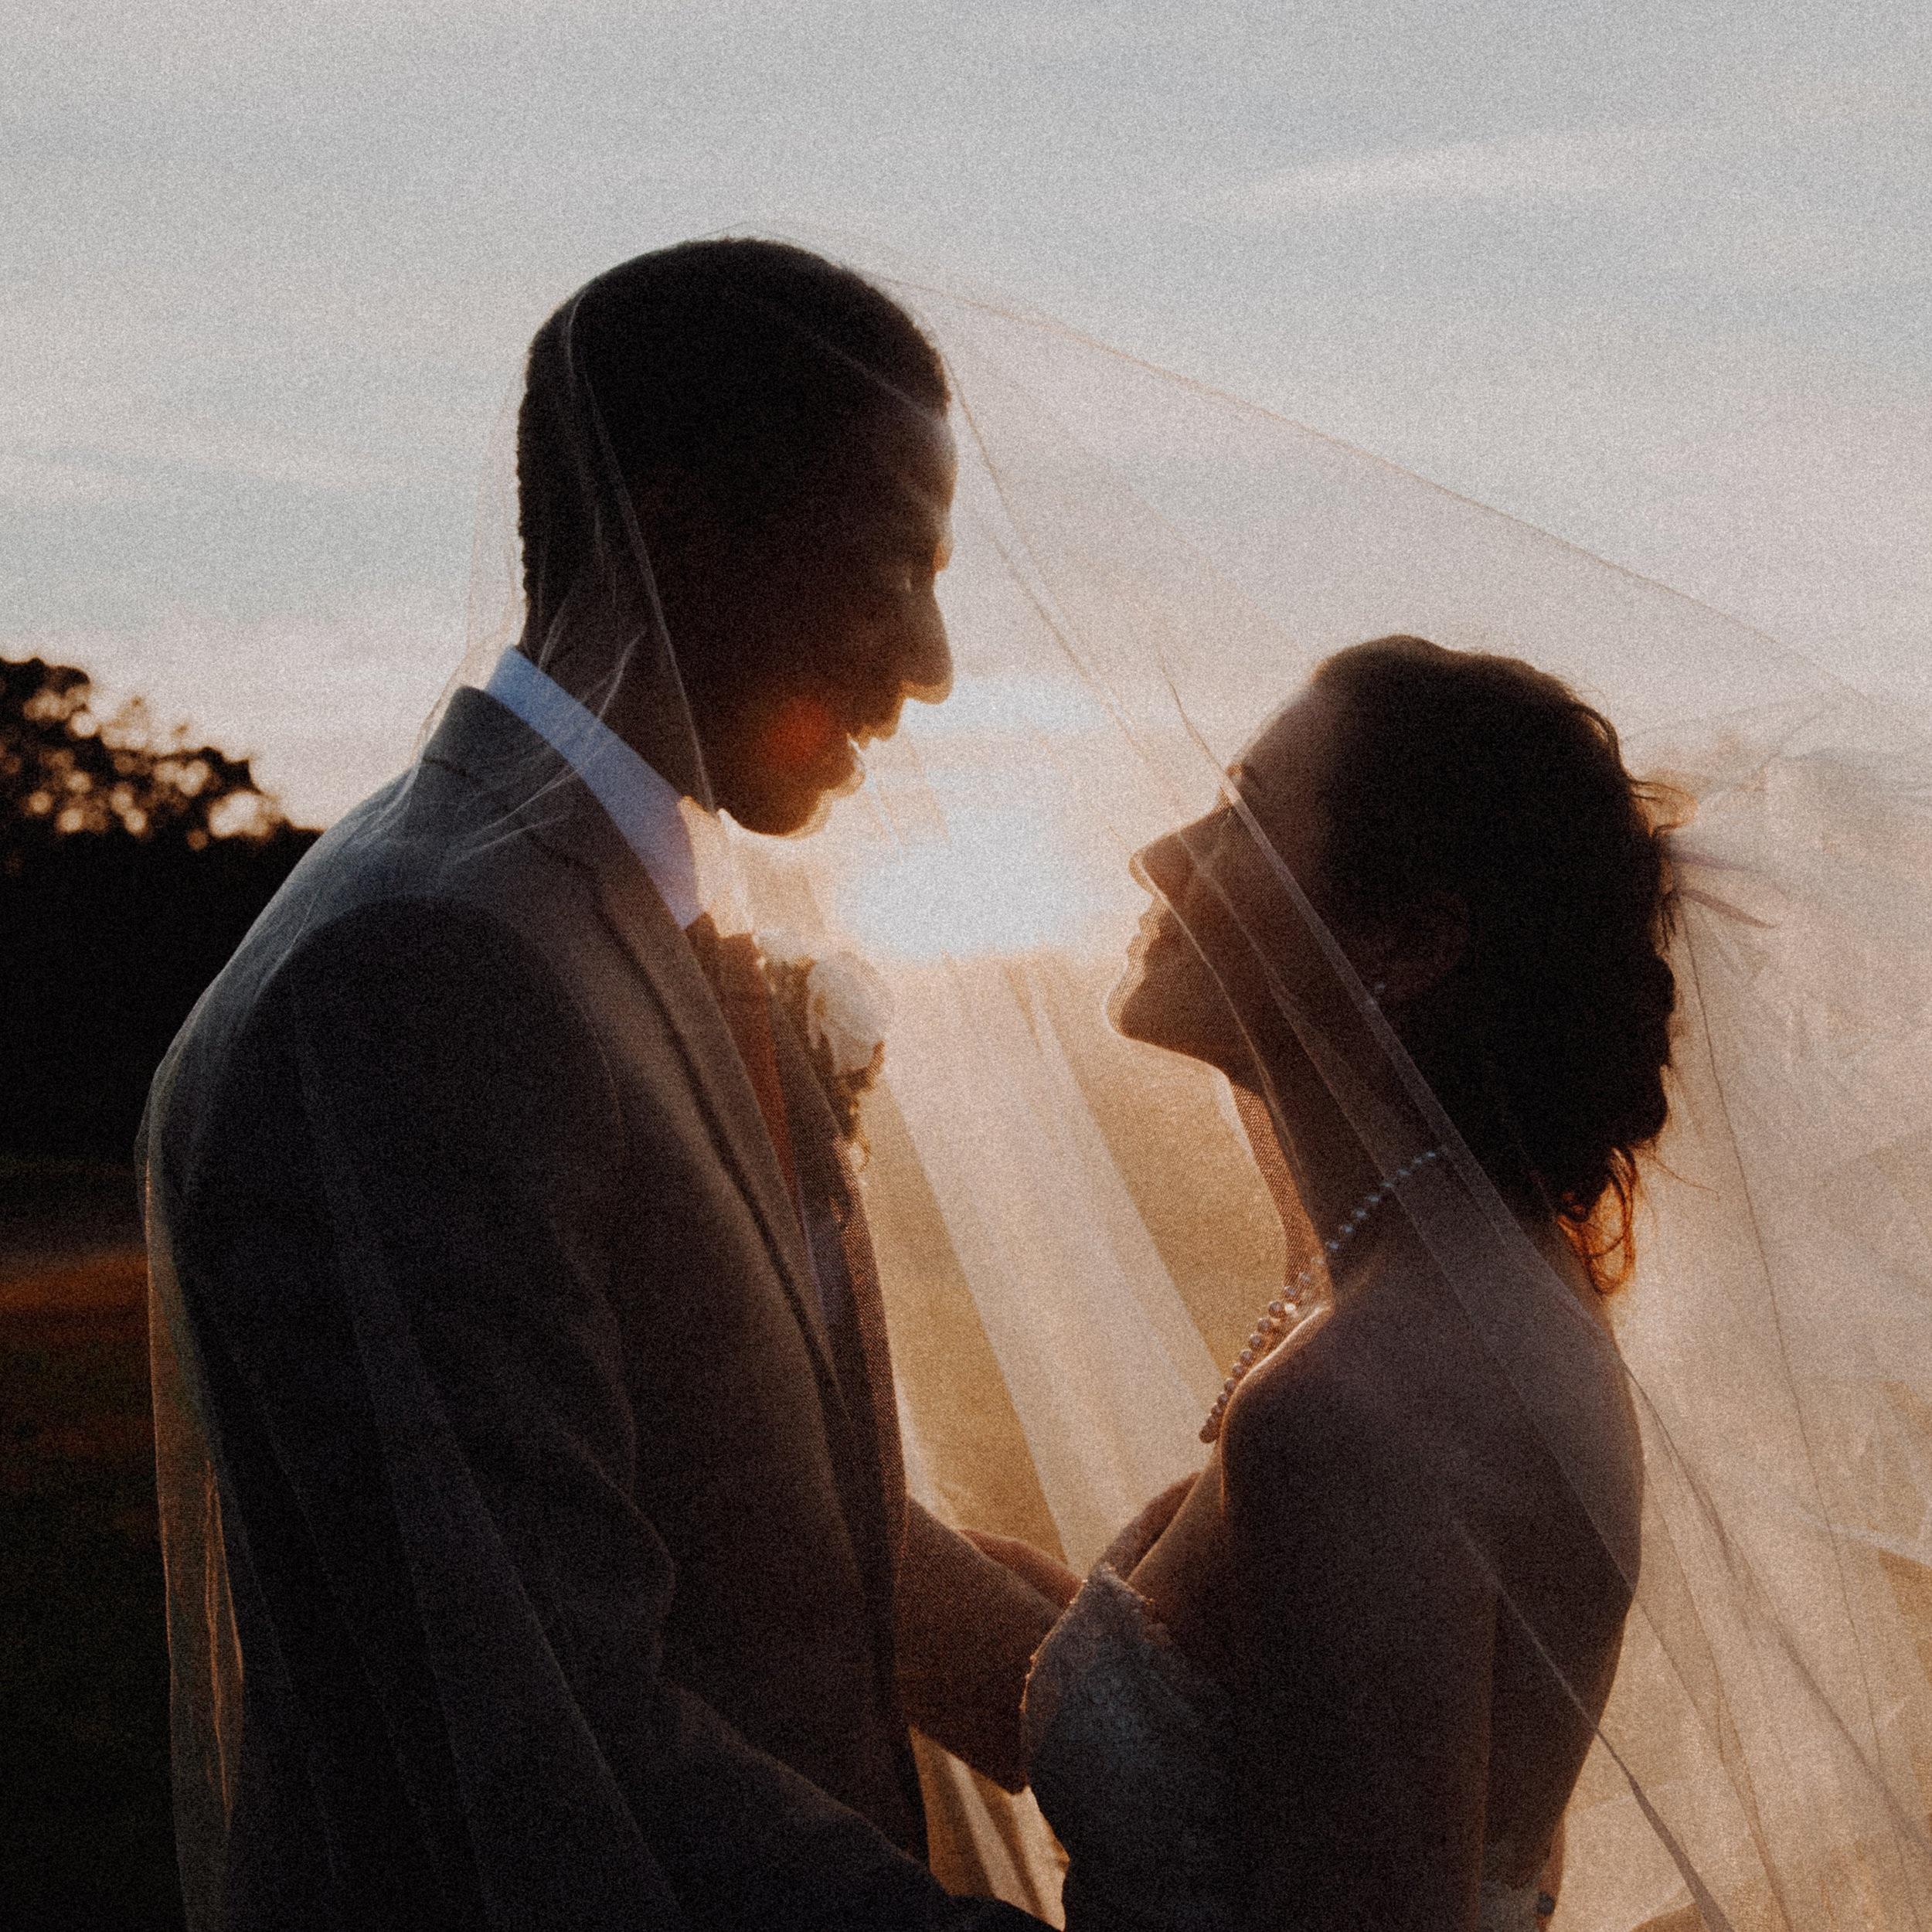 All inclusive - Waterside Wedding VenueFridays & Saturdays in 2020 & 2021